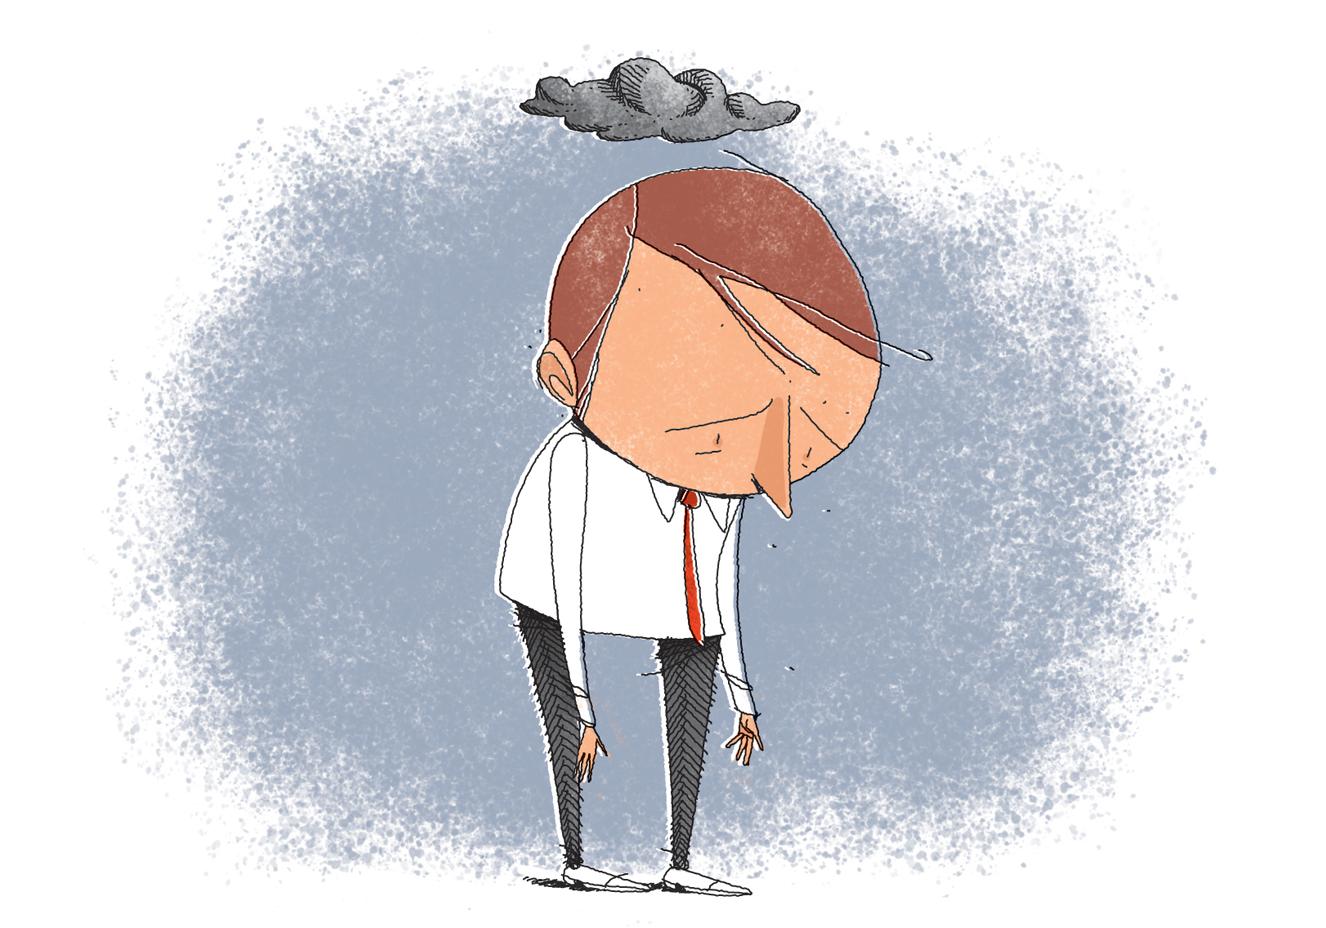 Depressão: sintomas, diagnóstico, prevenção e tratamento | Veja Saúde